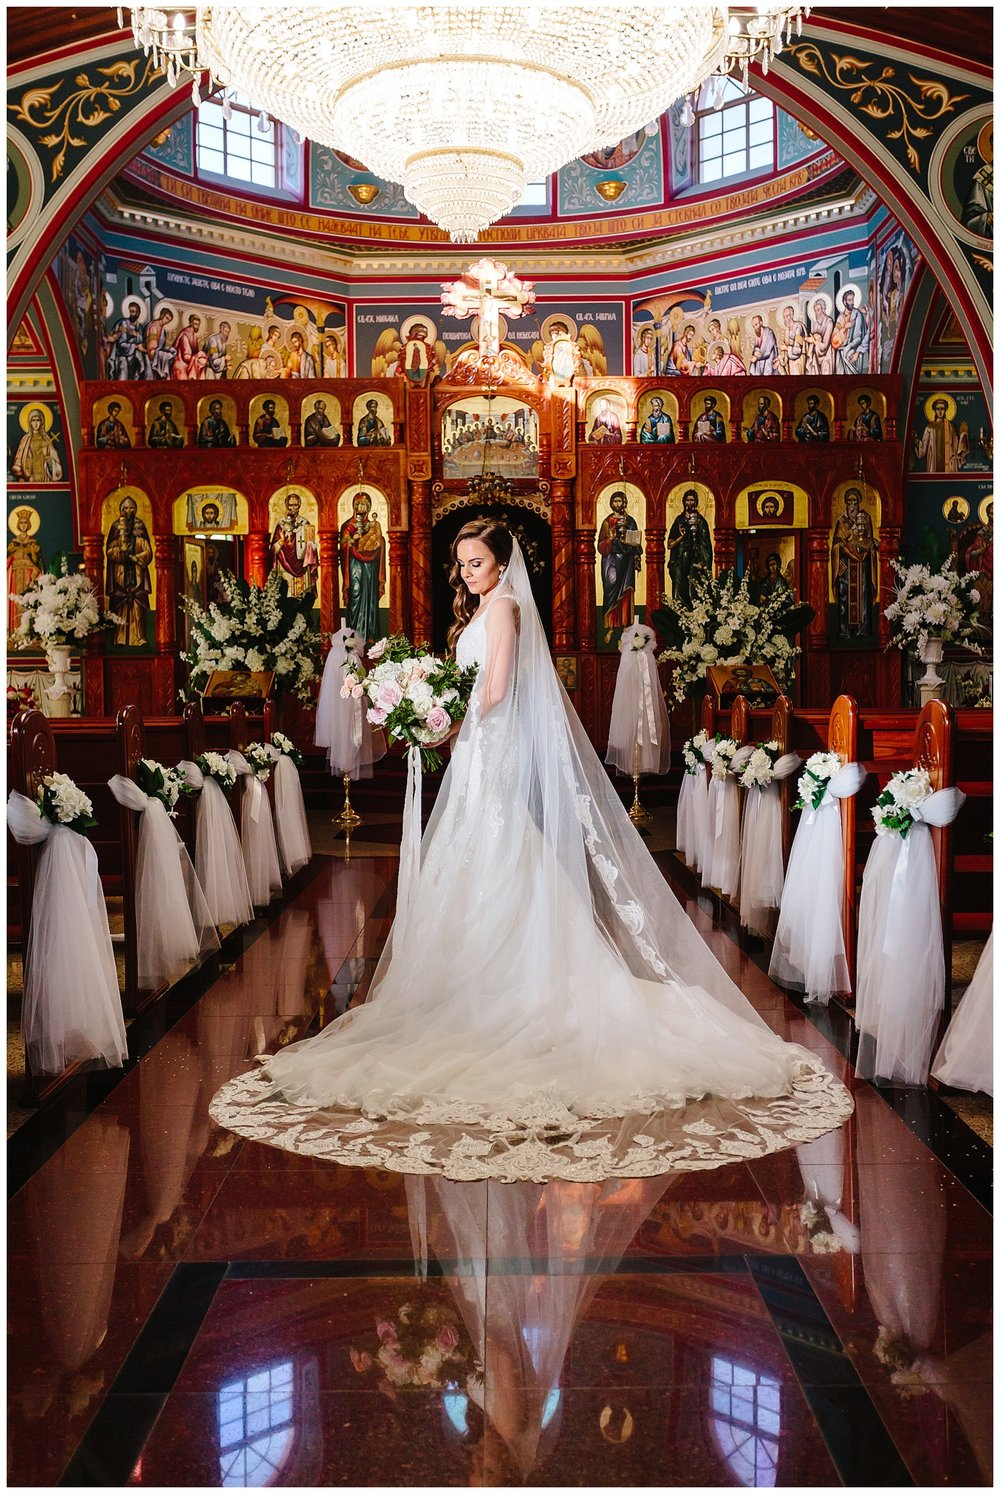 Tuscany bridal wedding dress